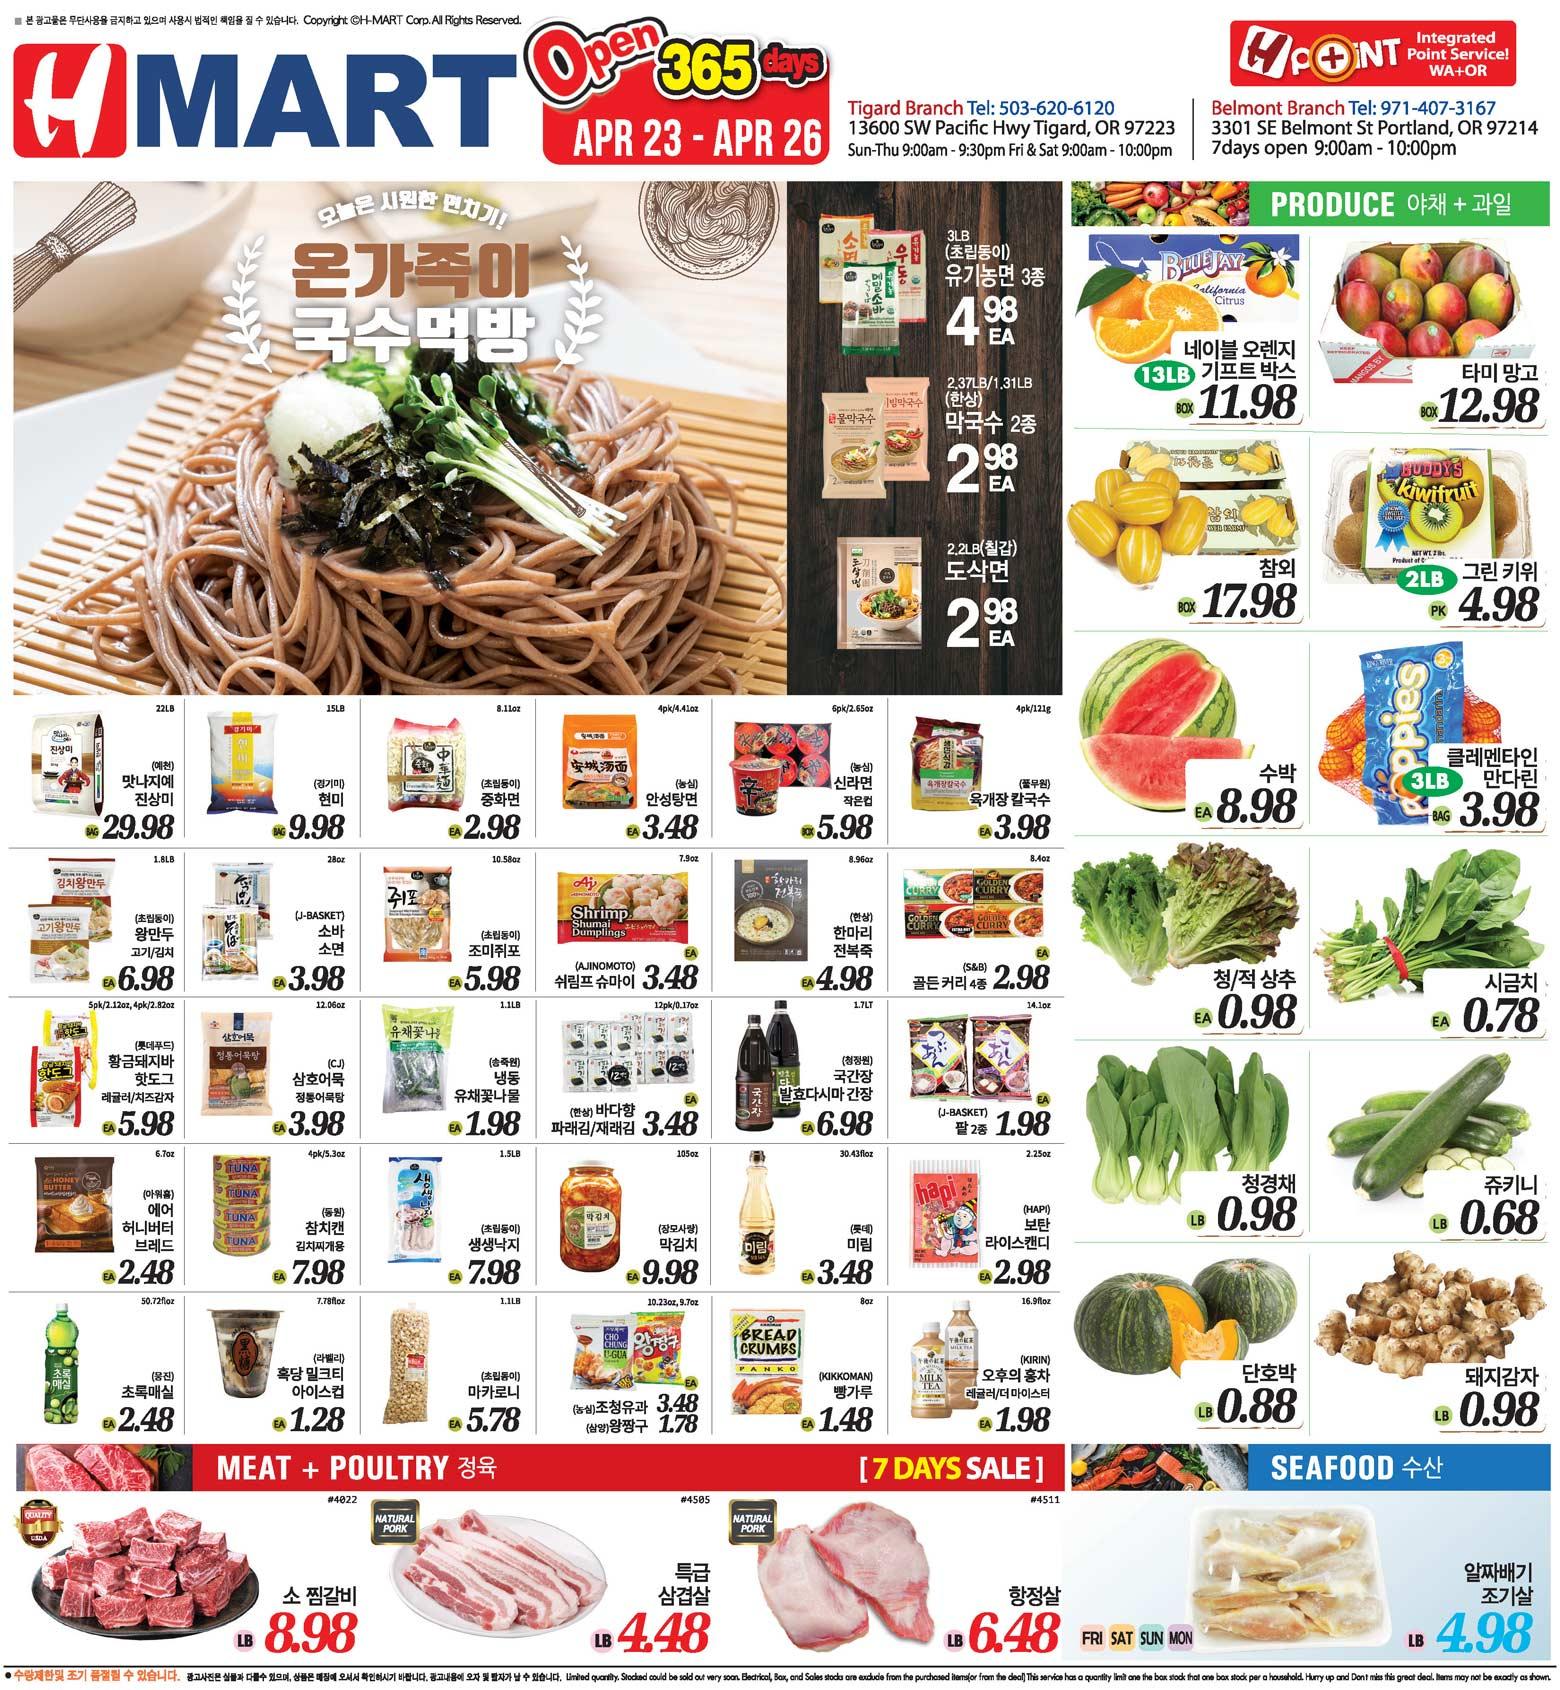 Hmart Portland Weekly Ad - Tigard 04-23-2021